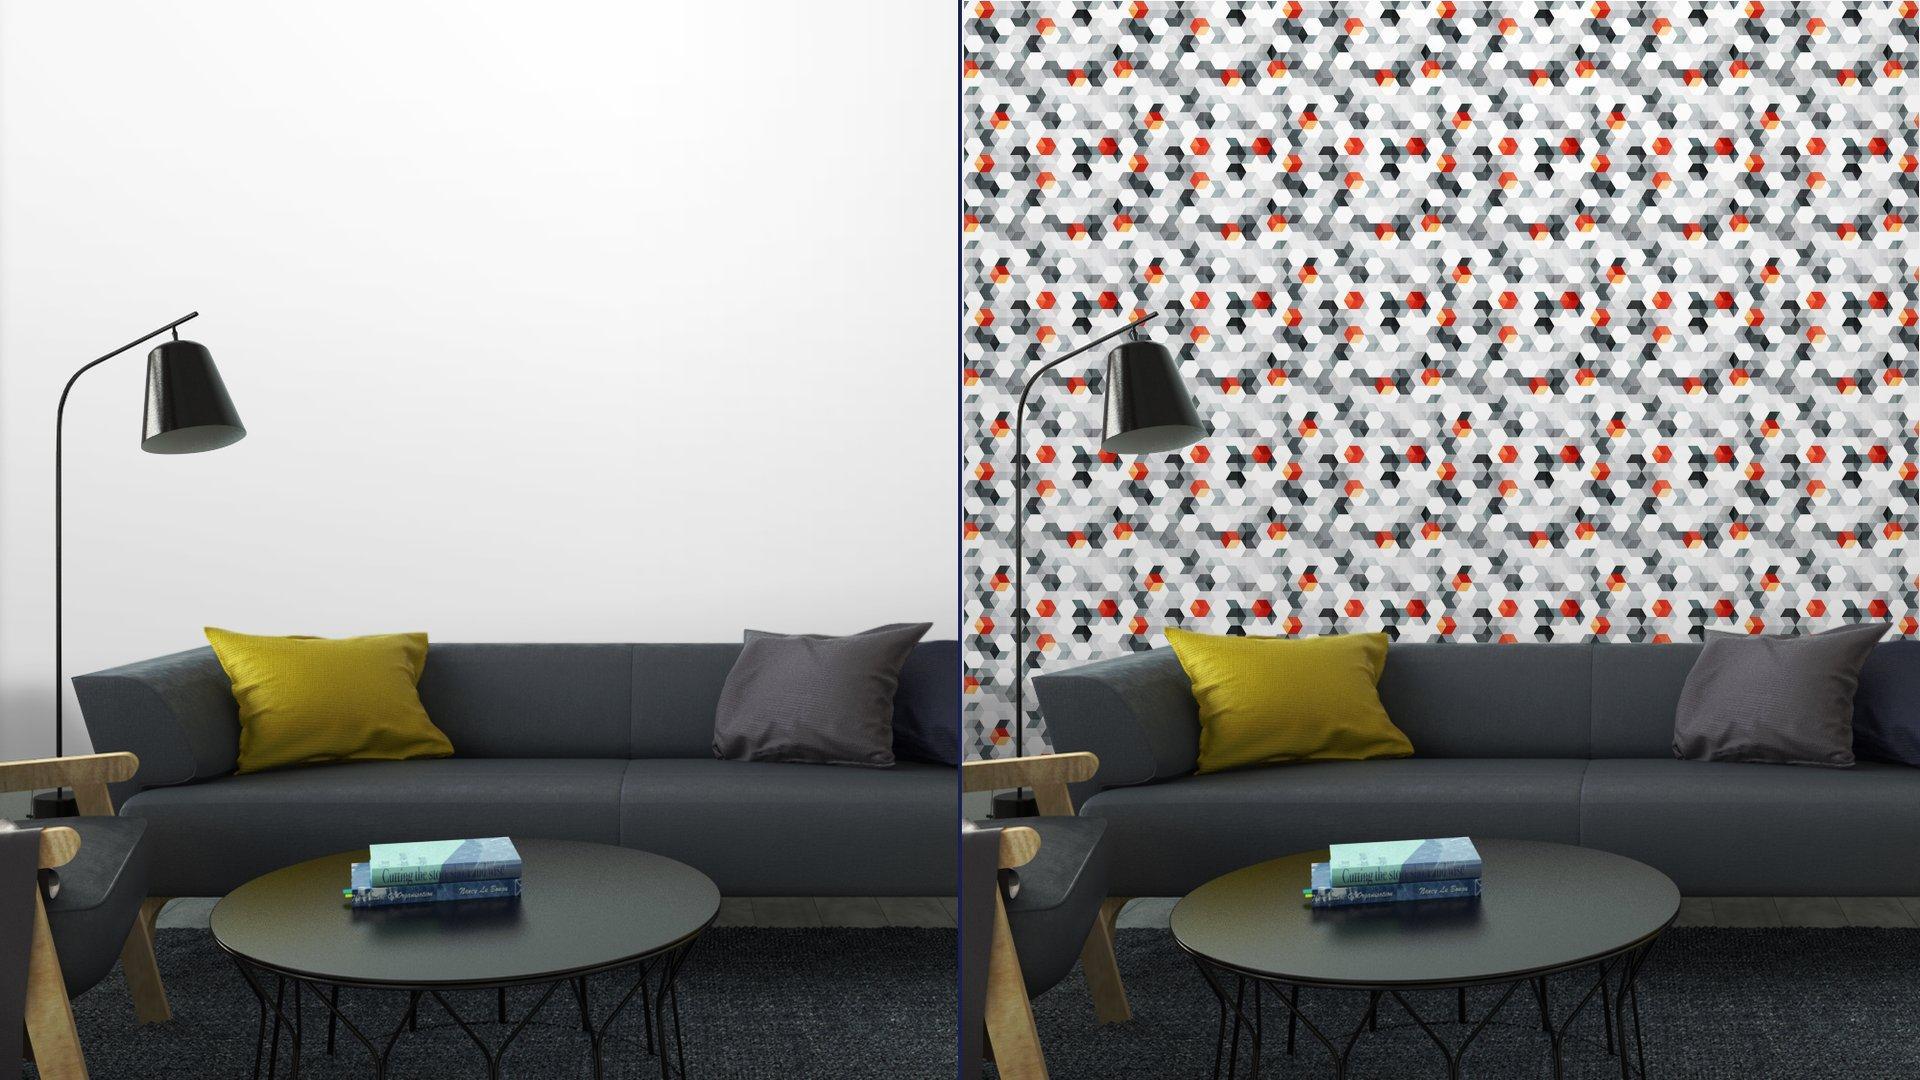 Fotomurales mexico papeles pintados cubos abstractos sin fisuras patron con efecto grunge 4 - Papel Tapiz Cubos Abstractos Con Efecto Grunge 01